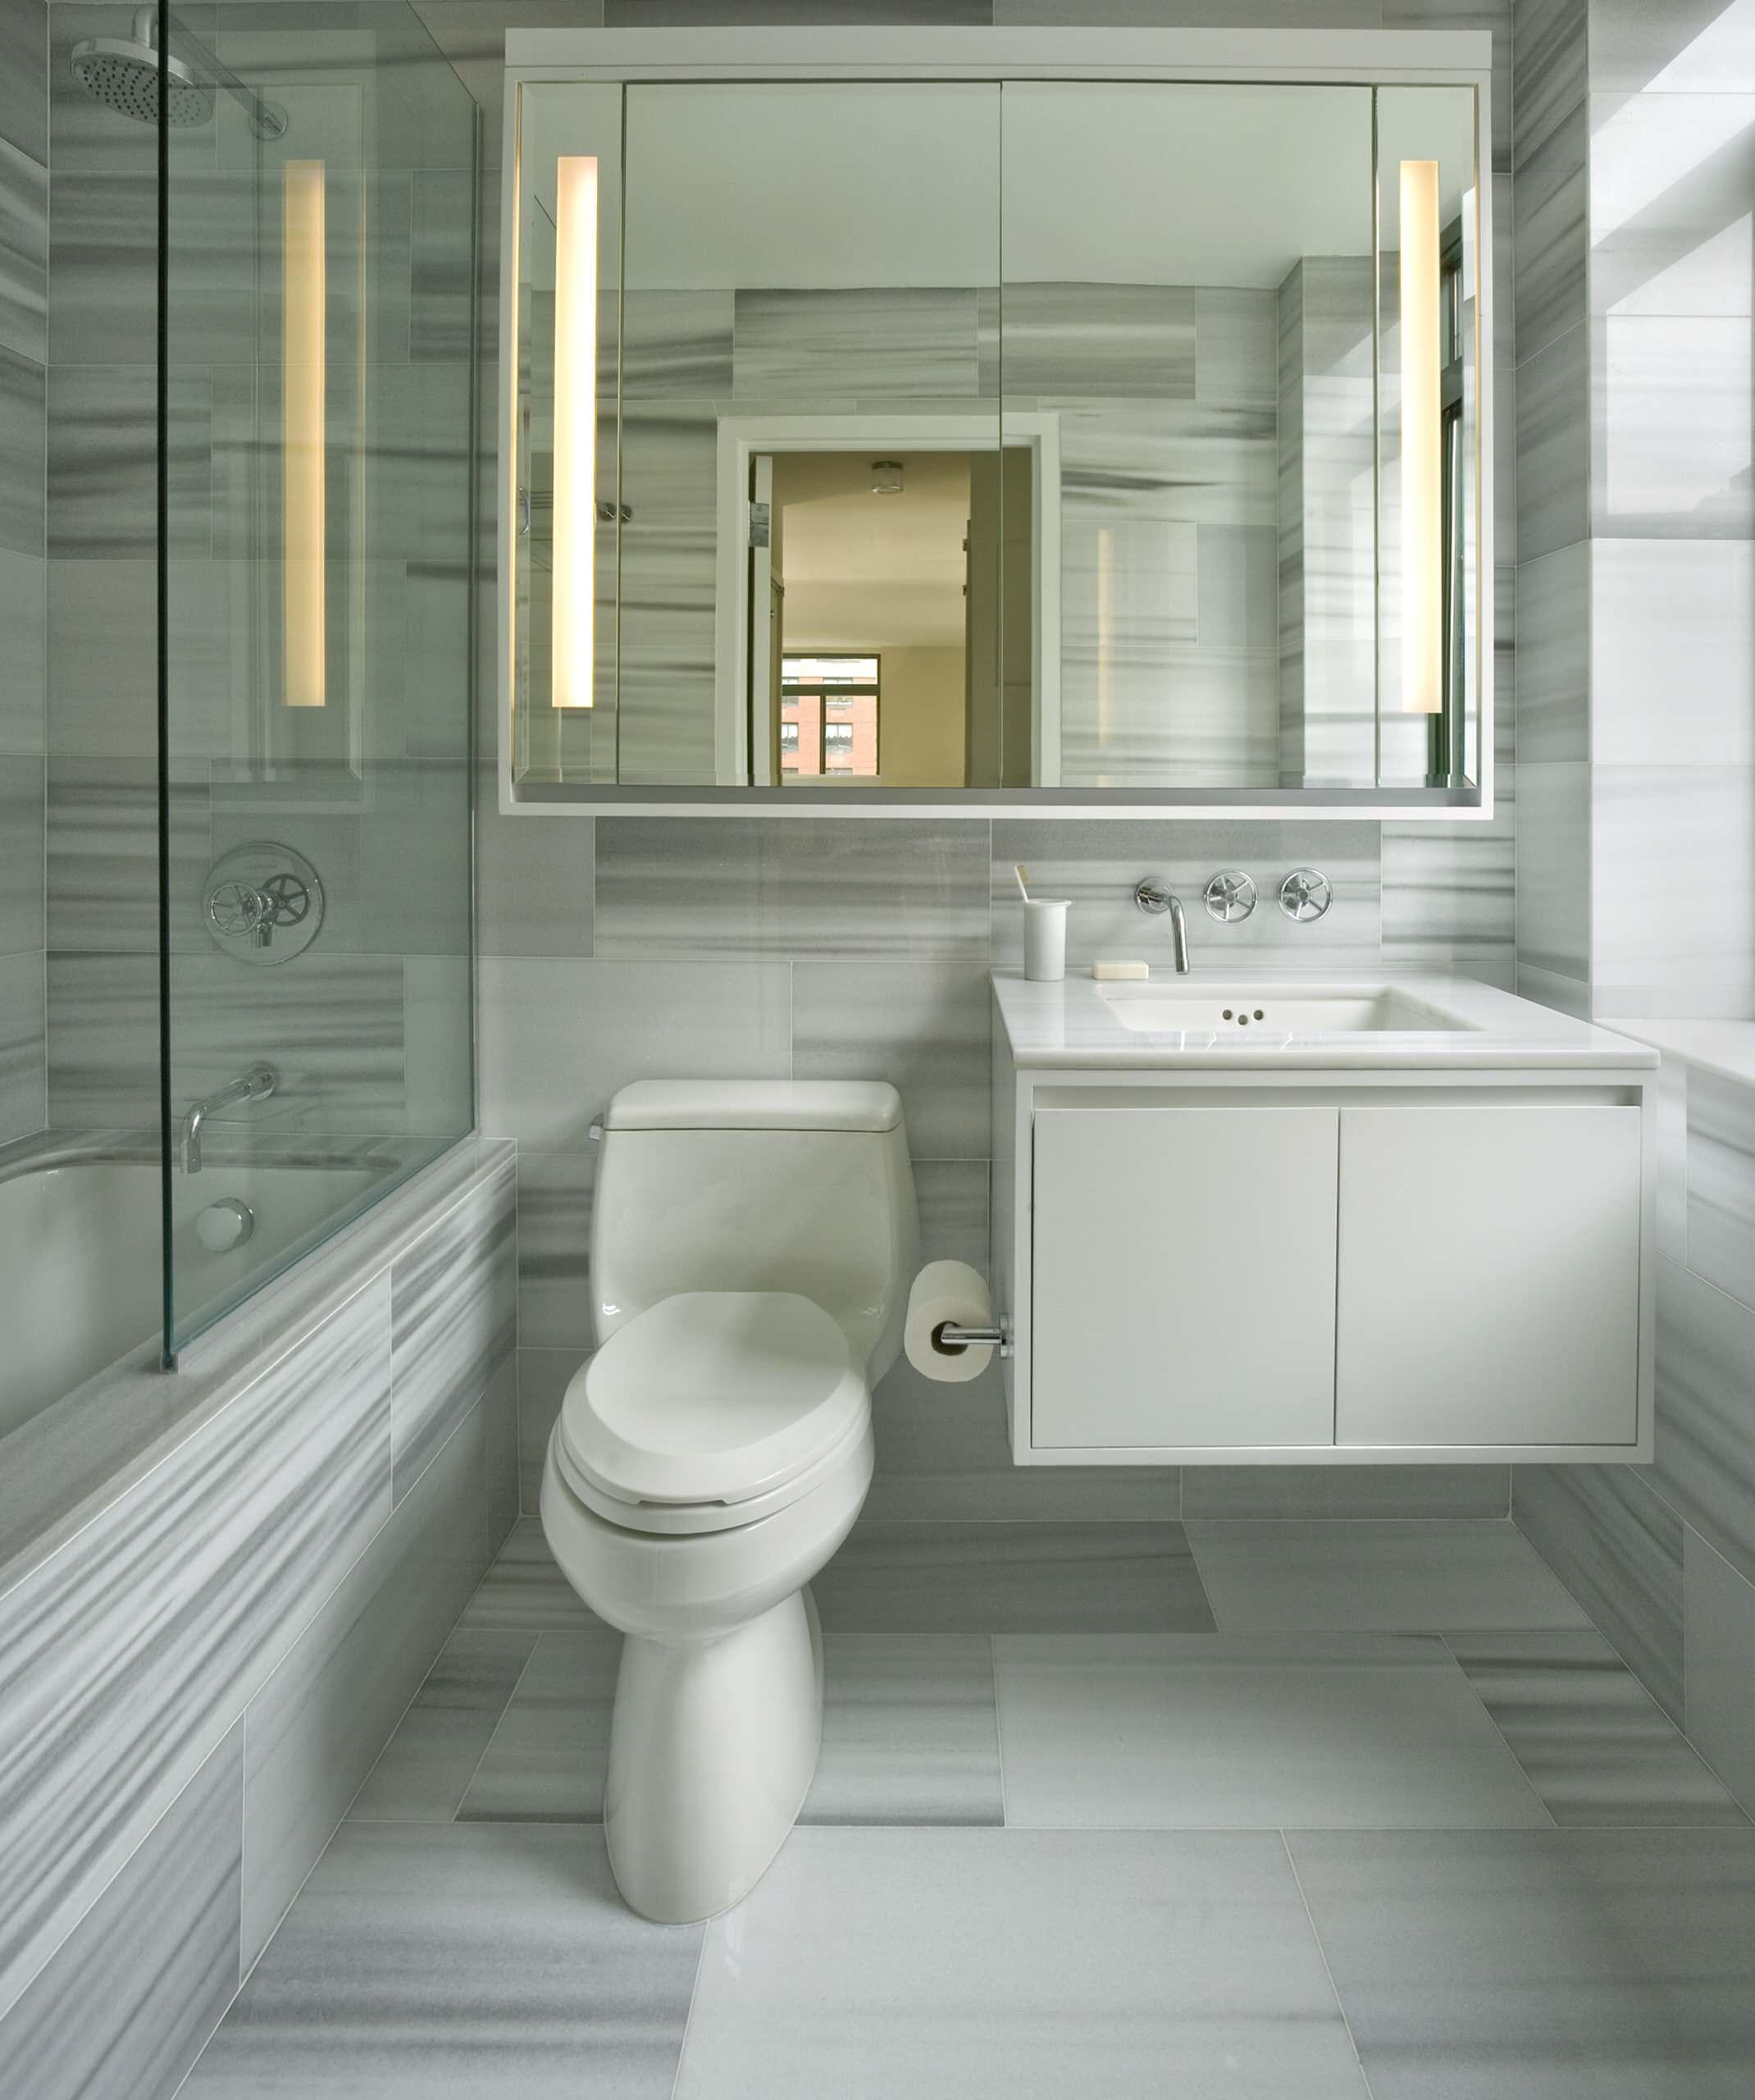 Планировать ванную комнату купить смеситель к раковине чехия